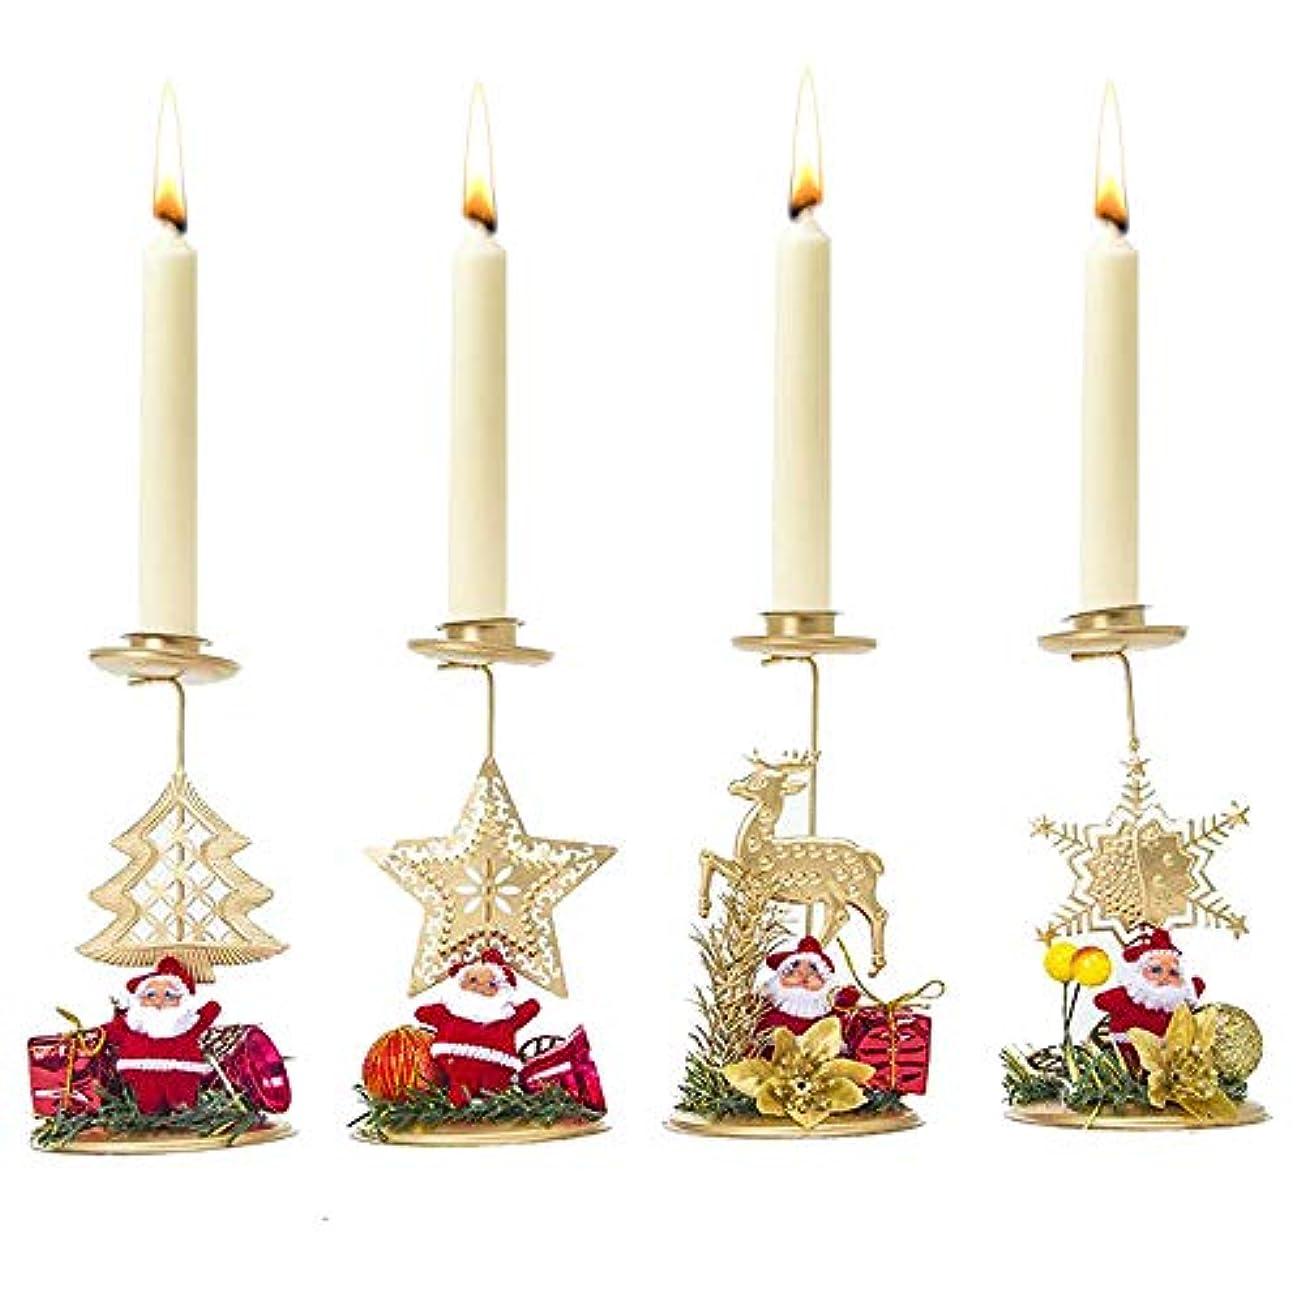 空気シルエット花Nishore4 個クリスマス鉄の燭台 クリスマスの装飾 絶妙なデスクトップ装飾